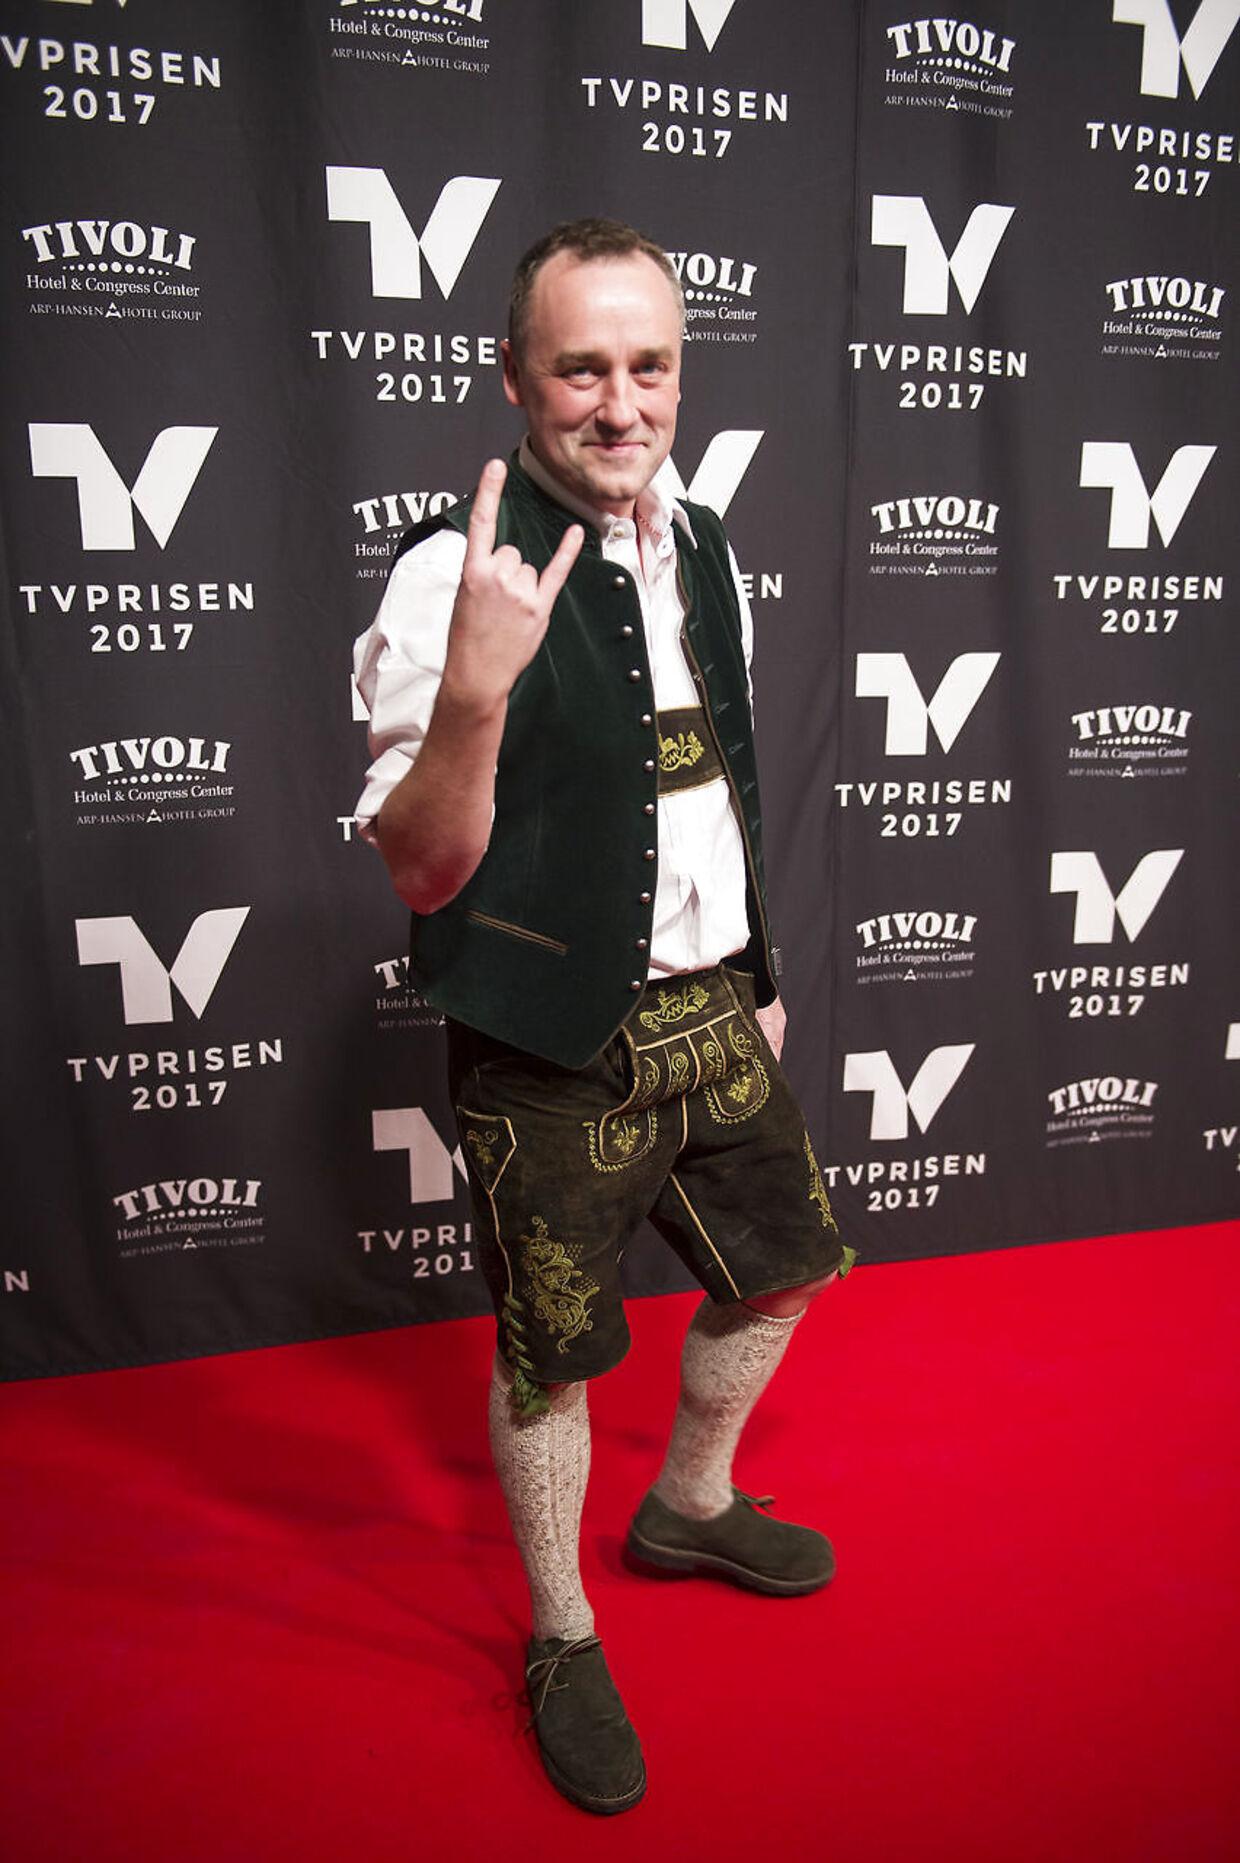 Peter Ingemann ankommer til uddeling af TV-prisen 2017 lørdag aften 28. januar 2017 på Tivoli Hotel og Congress Center i København. (Foto: Sarah Christine Nørgaard/Scanpix 2017)